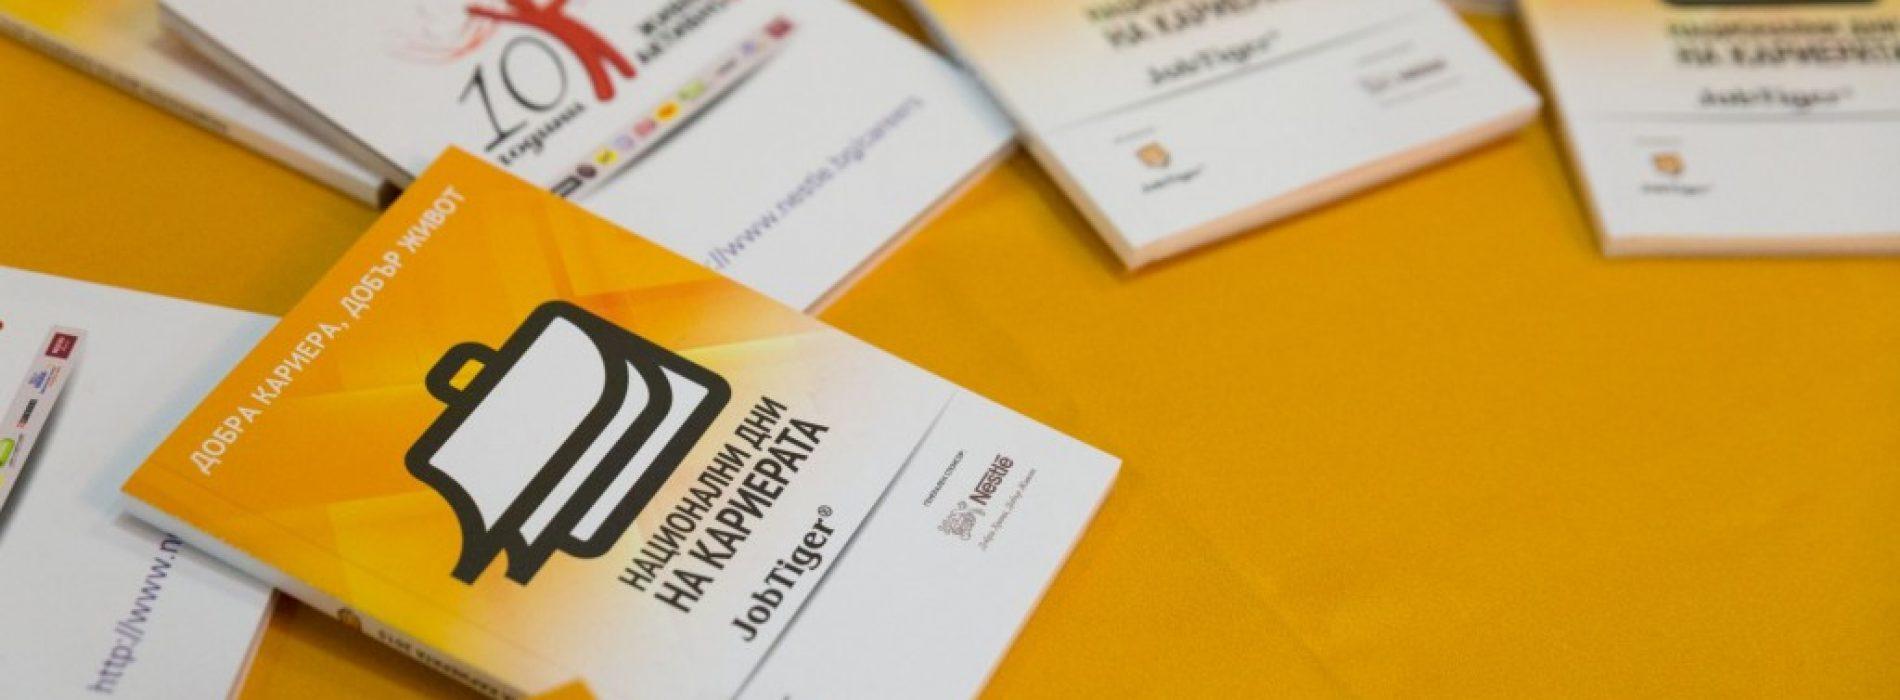 Как да извлечем най-доброто от участието ни на Национални дни на кариерата 2018